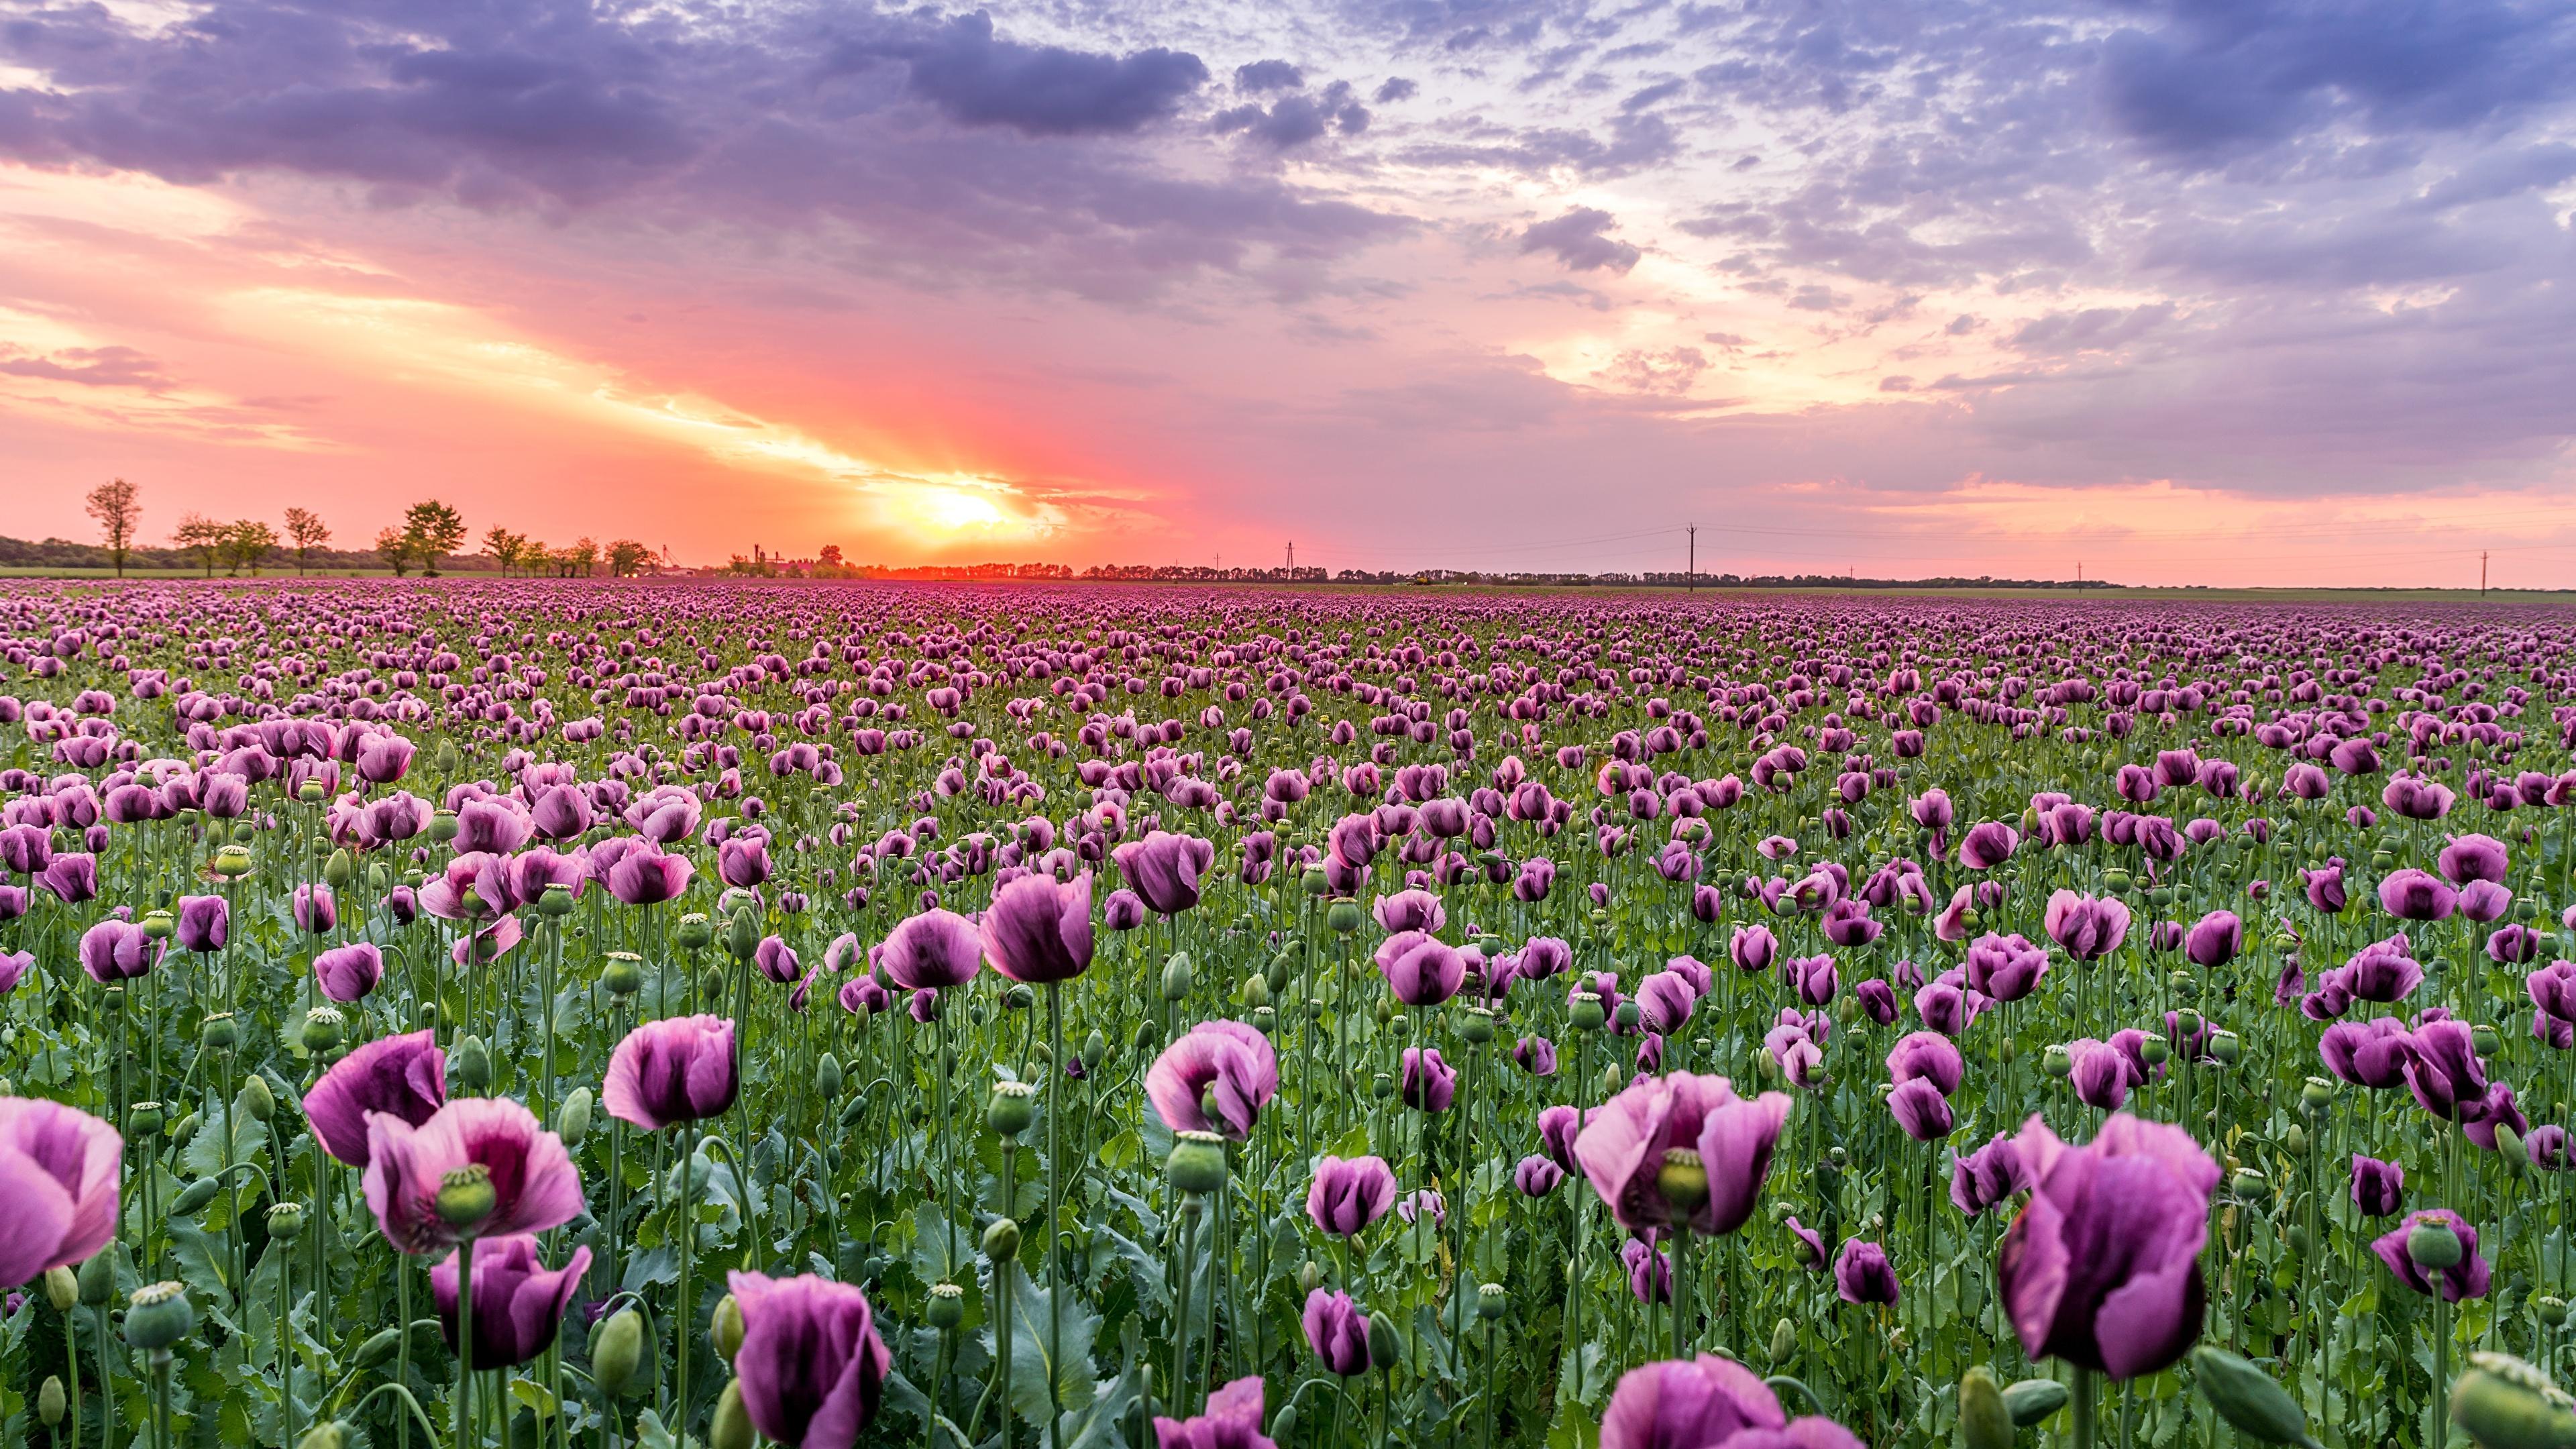 Картинка Природа Поля Маки цветок рассвет и закат 3840x2160 мак Цветы Рассветы и закаты